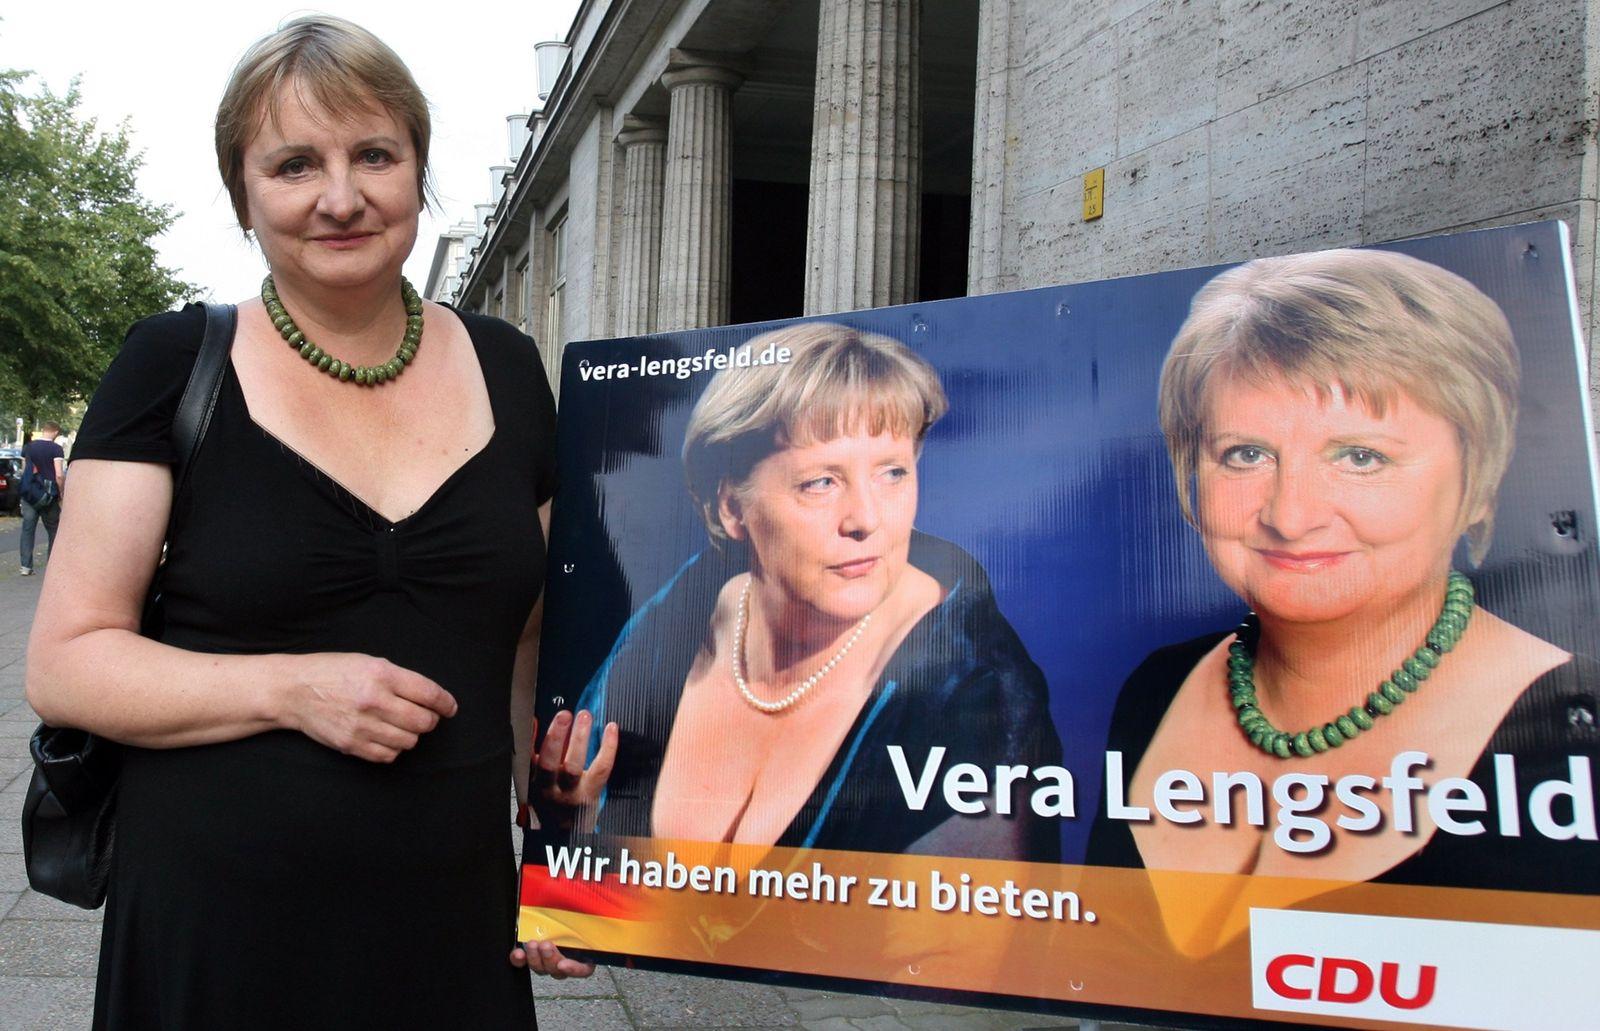 Lengsfeld kopiert Merkel: Dekolleté für die Wahl